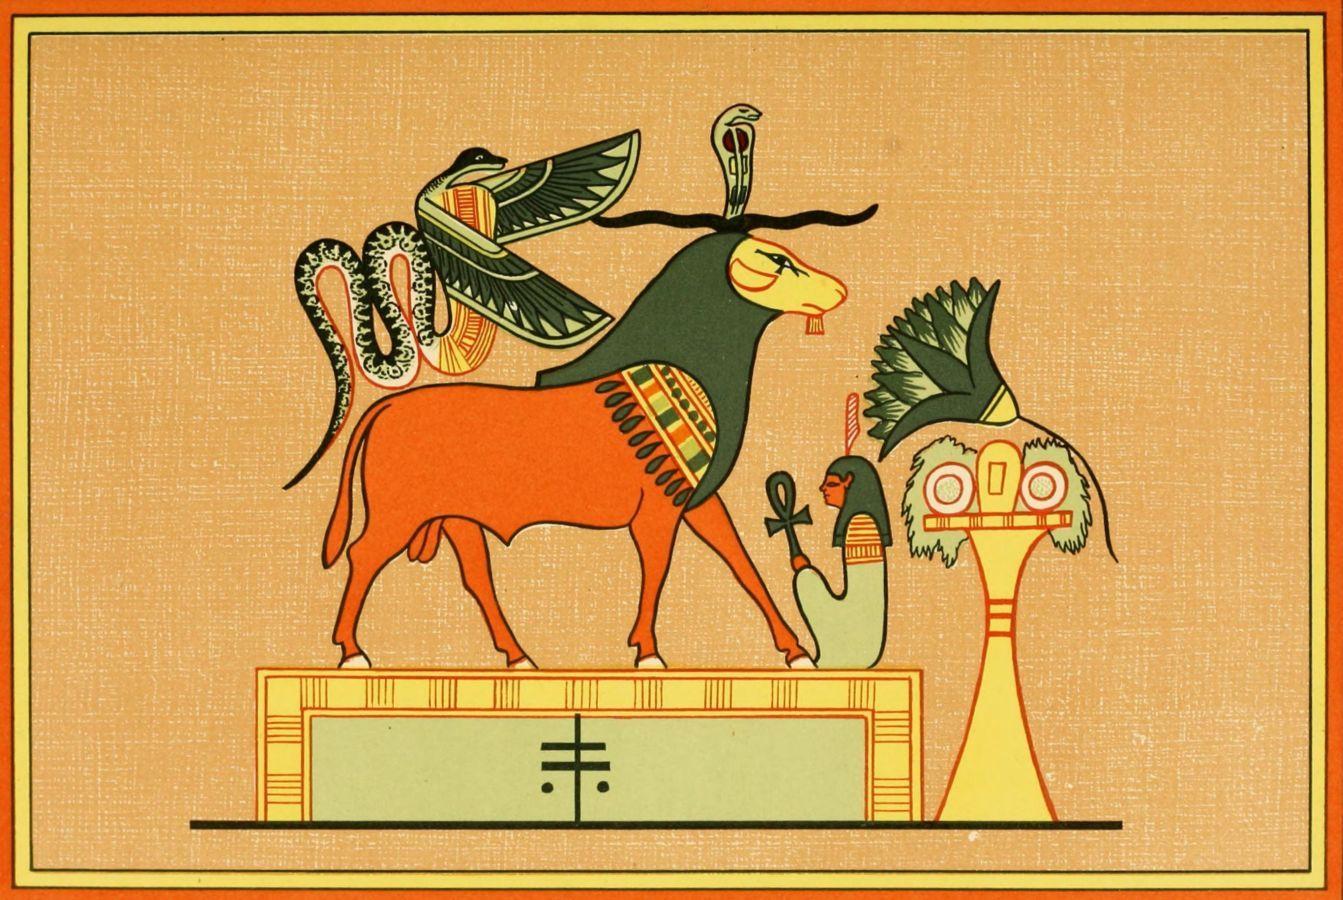 حيوانات مقدسة عبر التاريخ